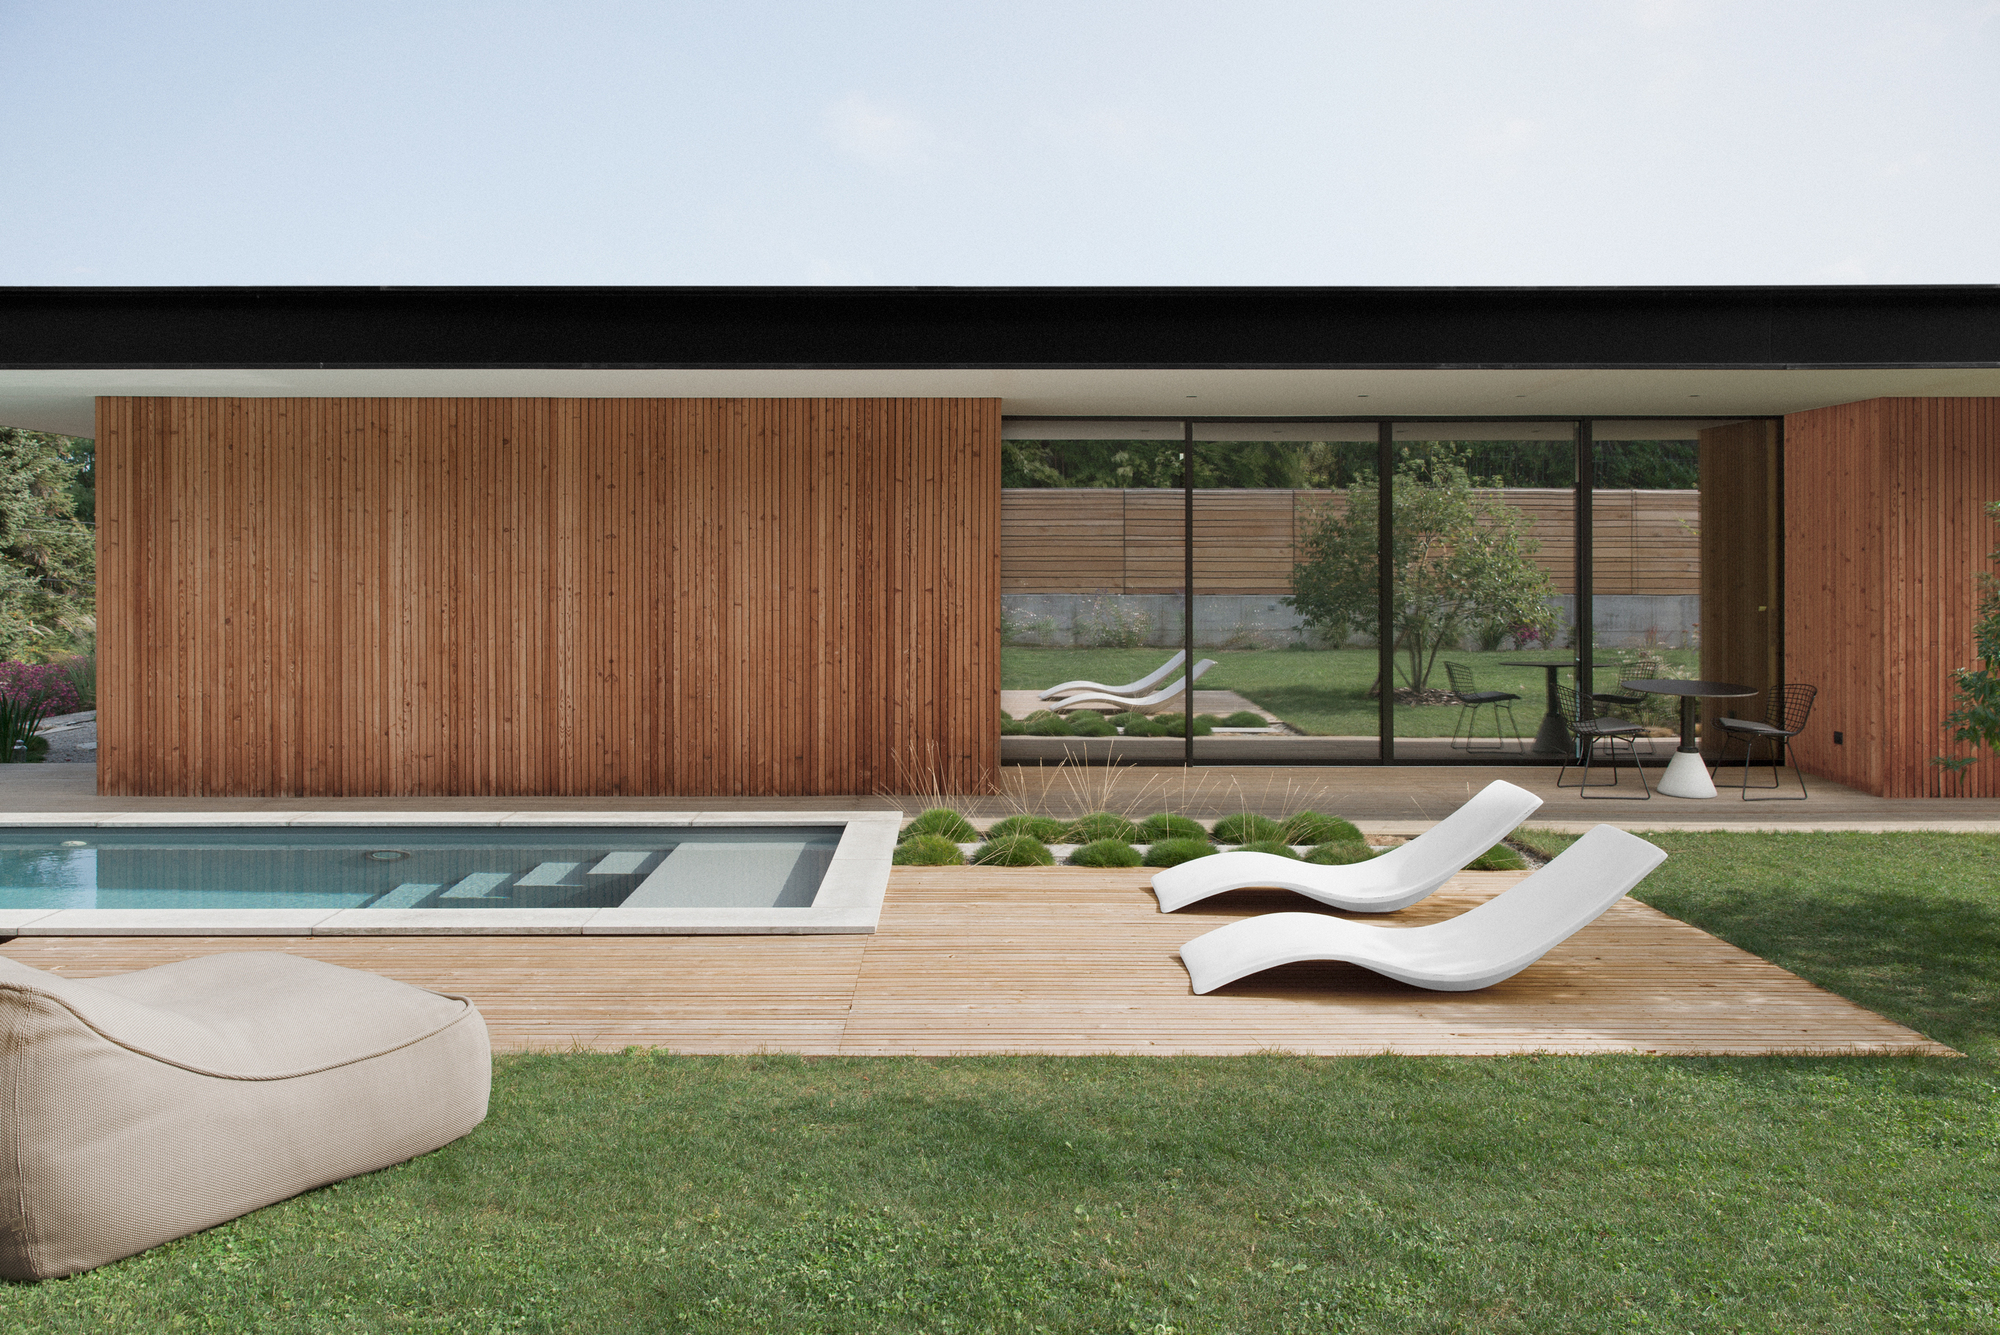 la maison etir e barres coquet archdaily. Black Bedroom Furniture Sets. Home Design Ideas